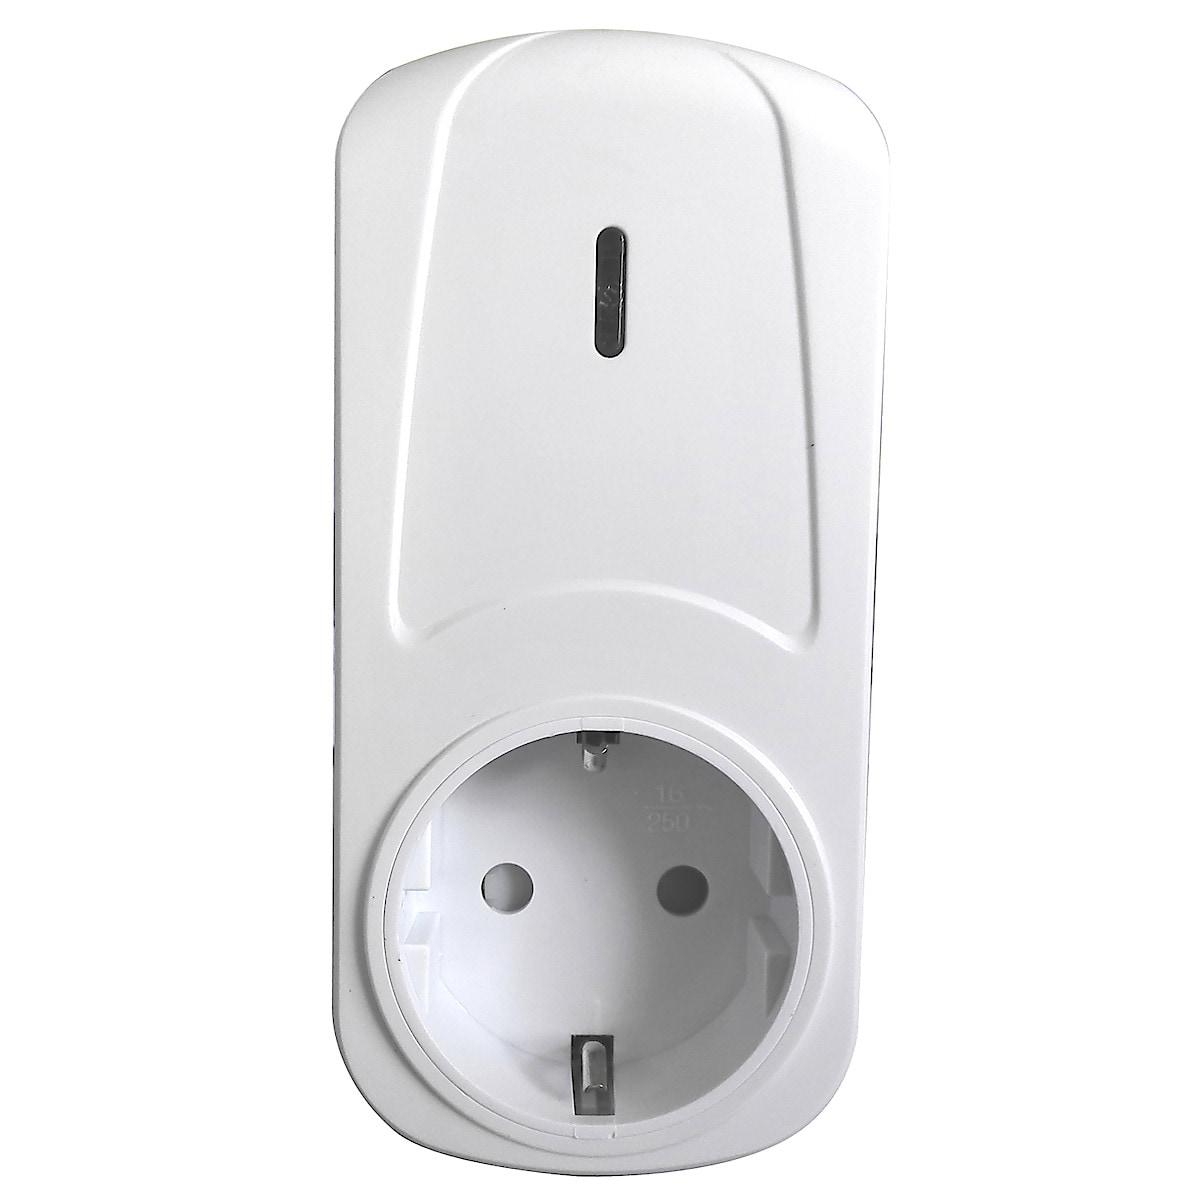 Ylijännitesuoja Plug-in